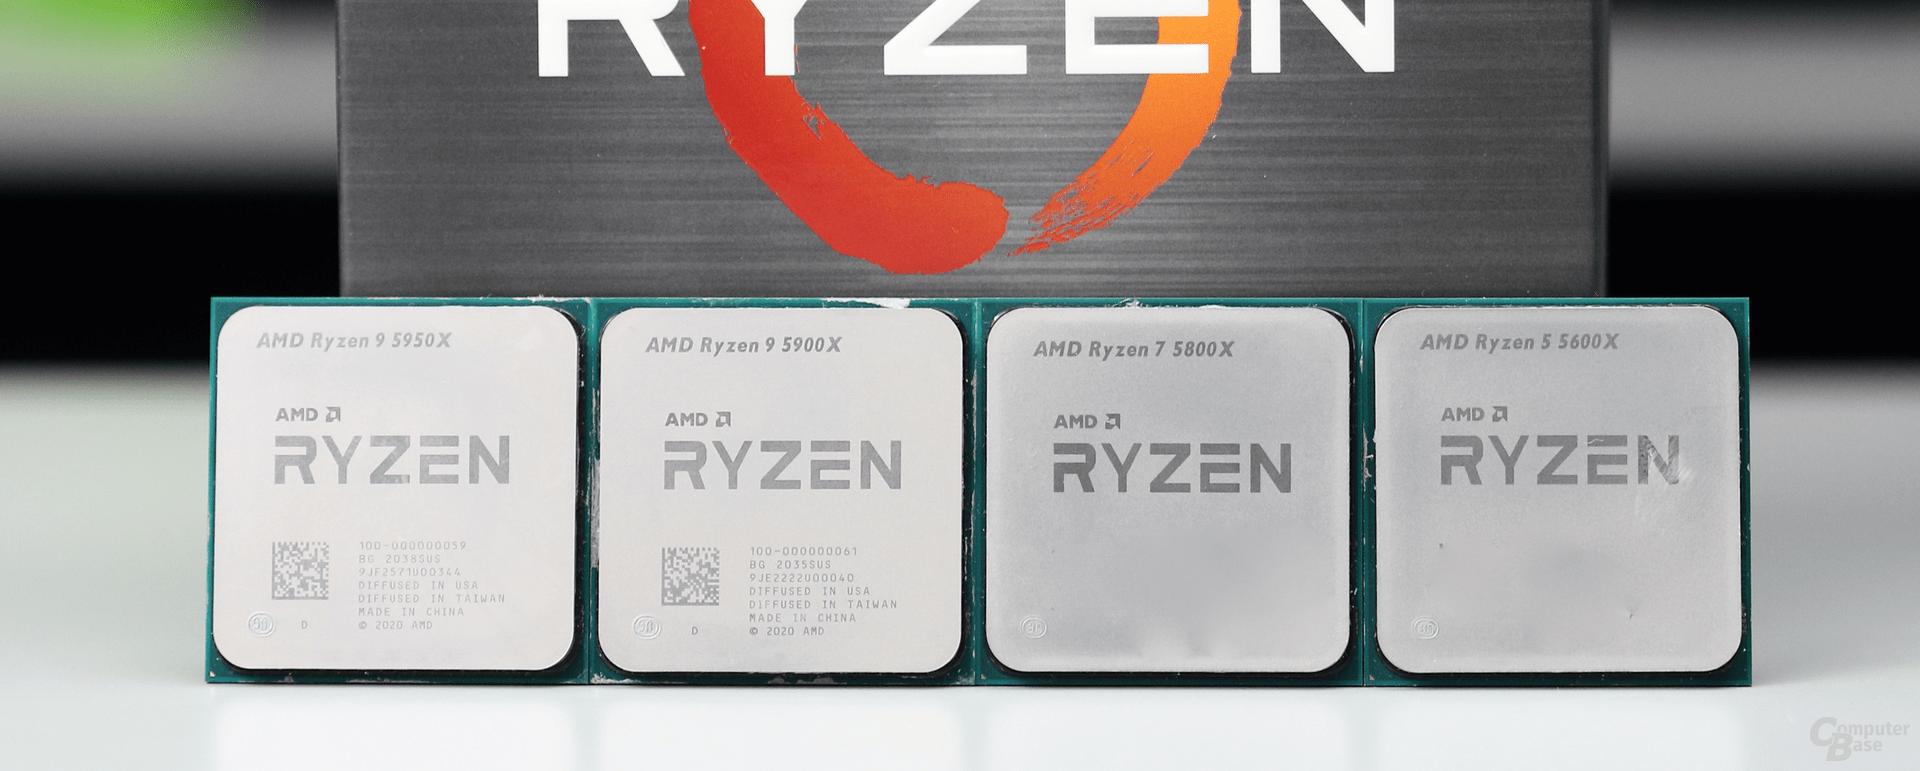 Die Desktop-Prozessoren der Serie Ryzen 5000 sind ebenfalls potenziell betroffen